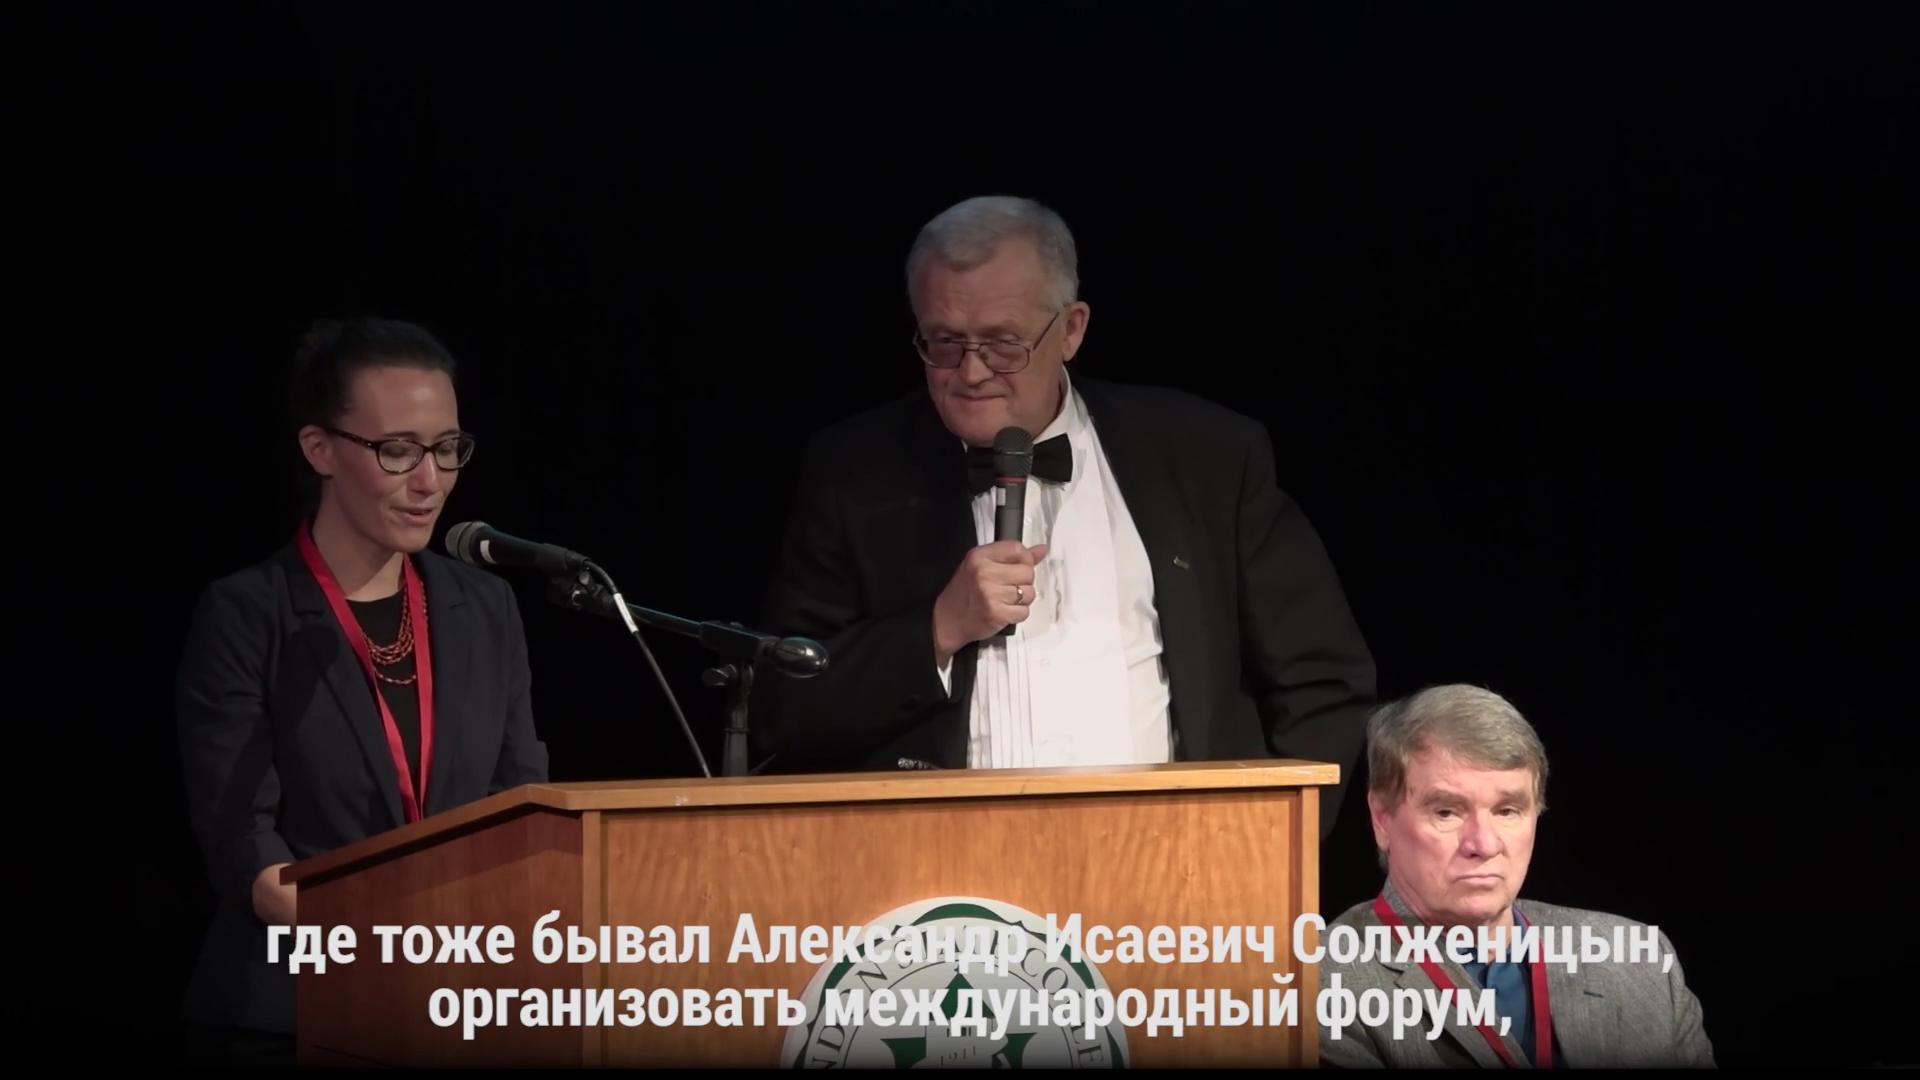 04-20180921-Вермонт читает Солженицына[(001092)2018-09-23-14-36-59]